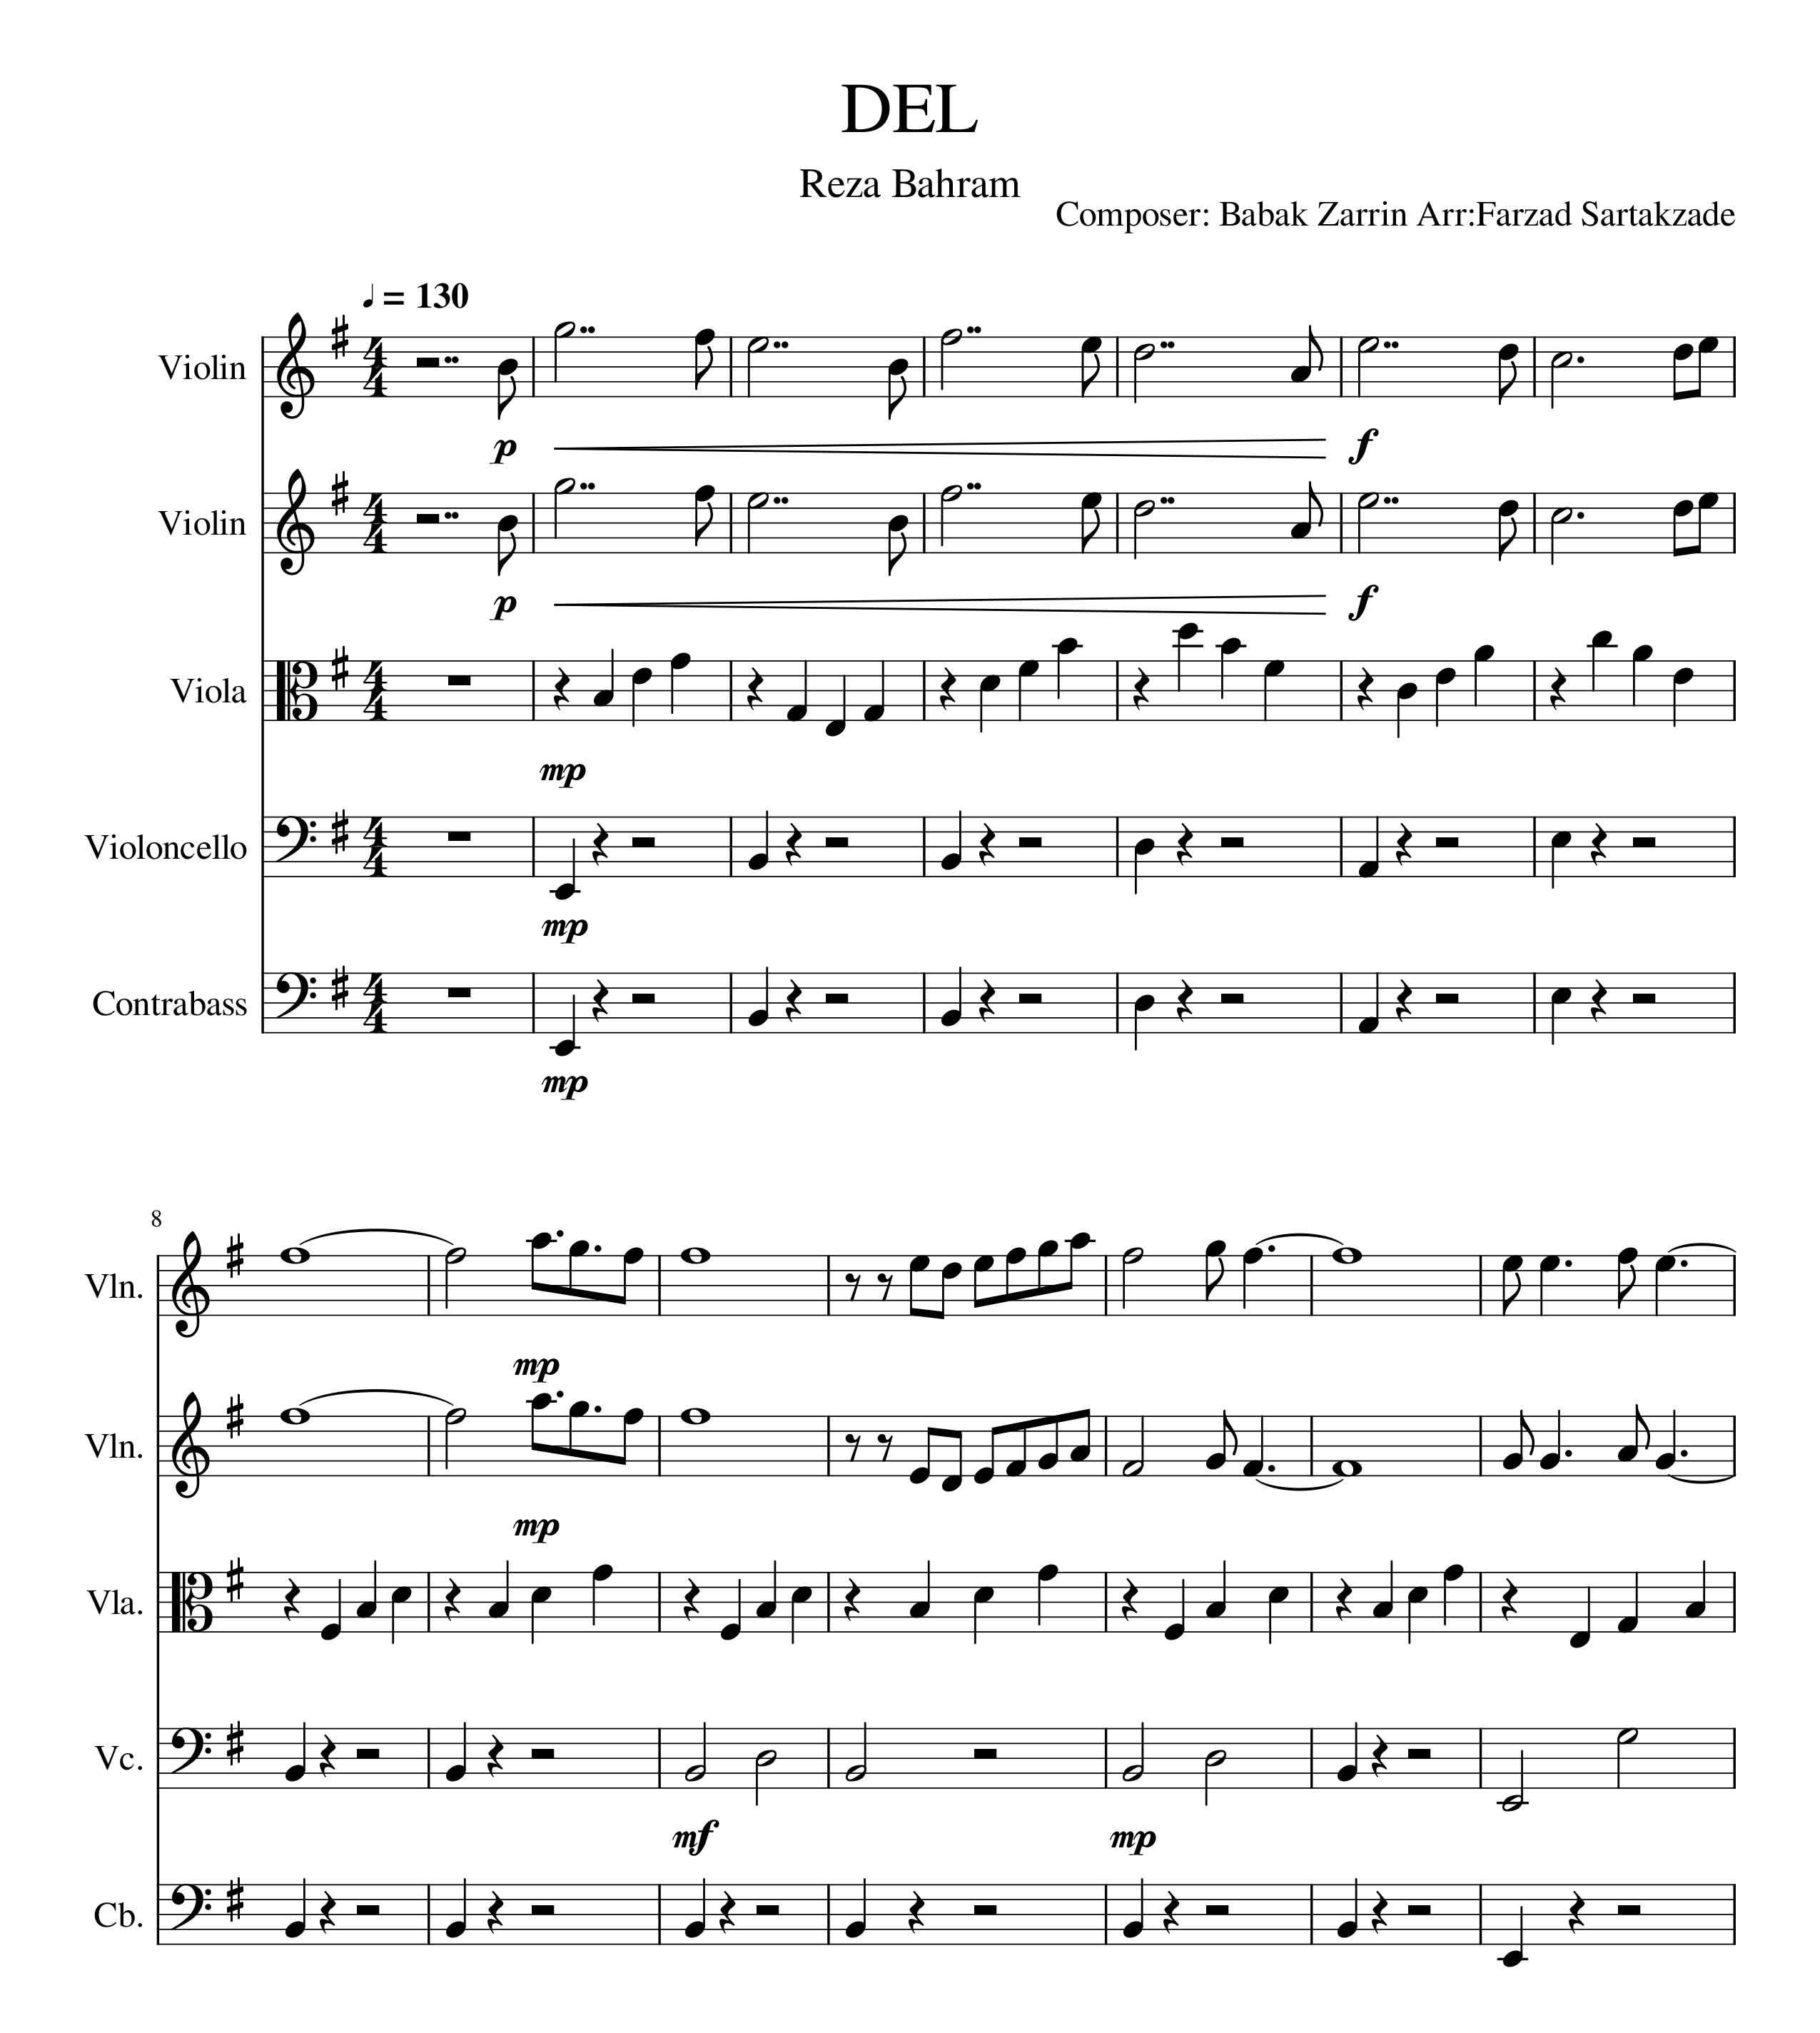 پارتیتور ارکستر زهی آهنگ دل از رضا بهرام